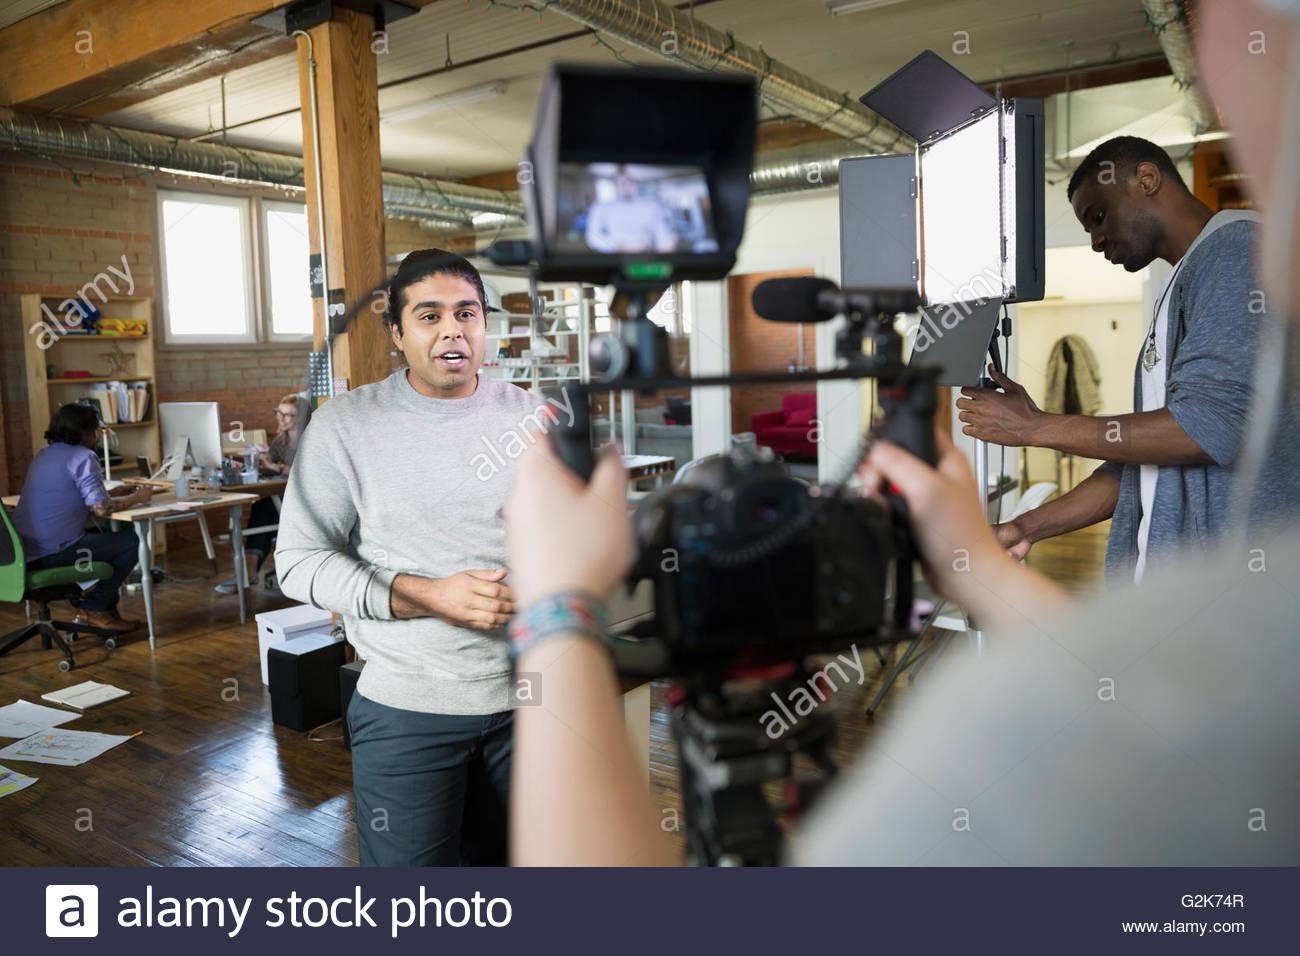 Gente de Negocios Tutorial de filmación creativa Imagen De Stock